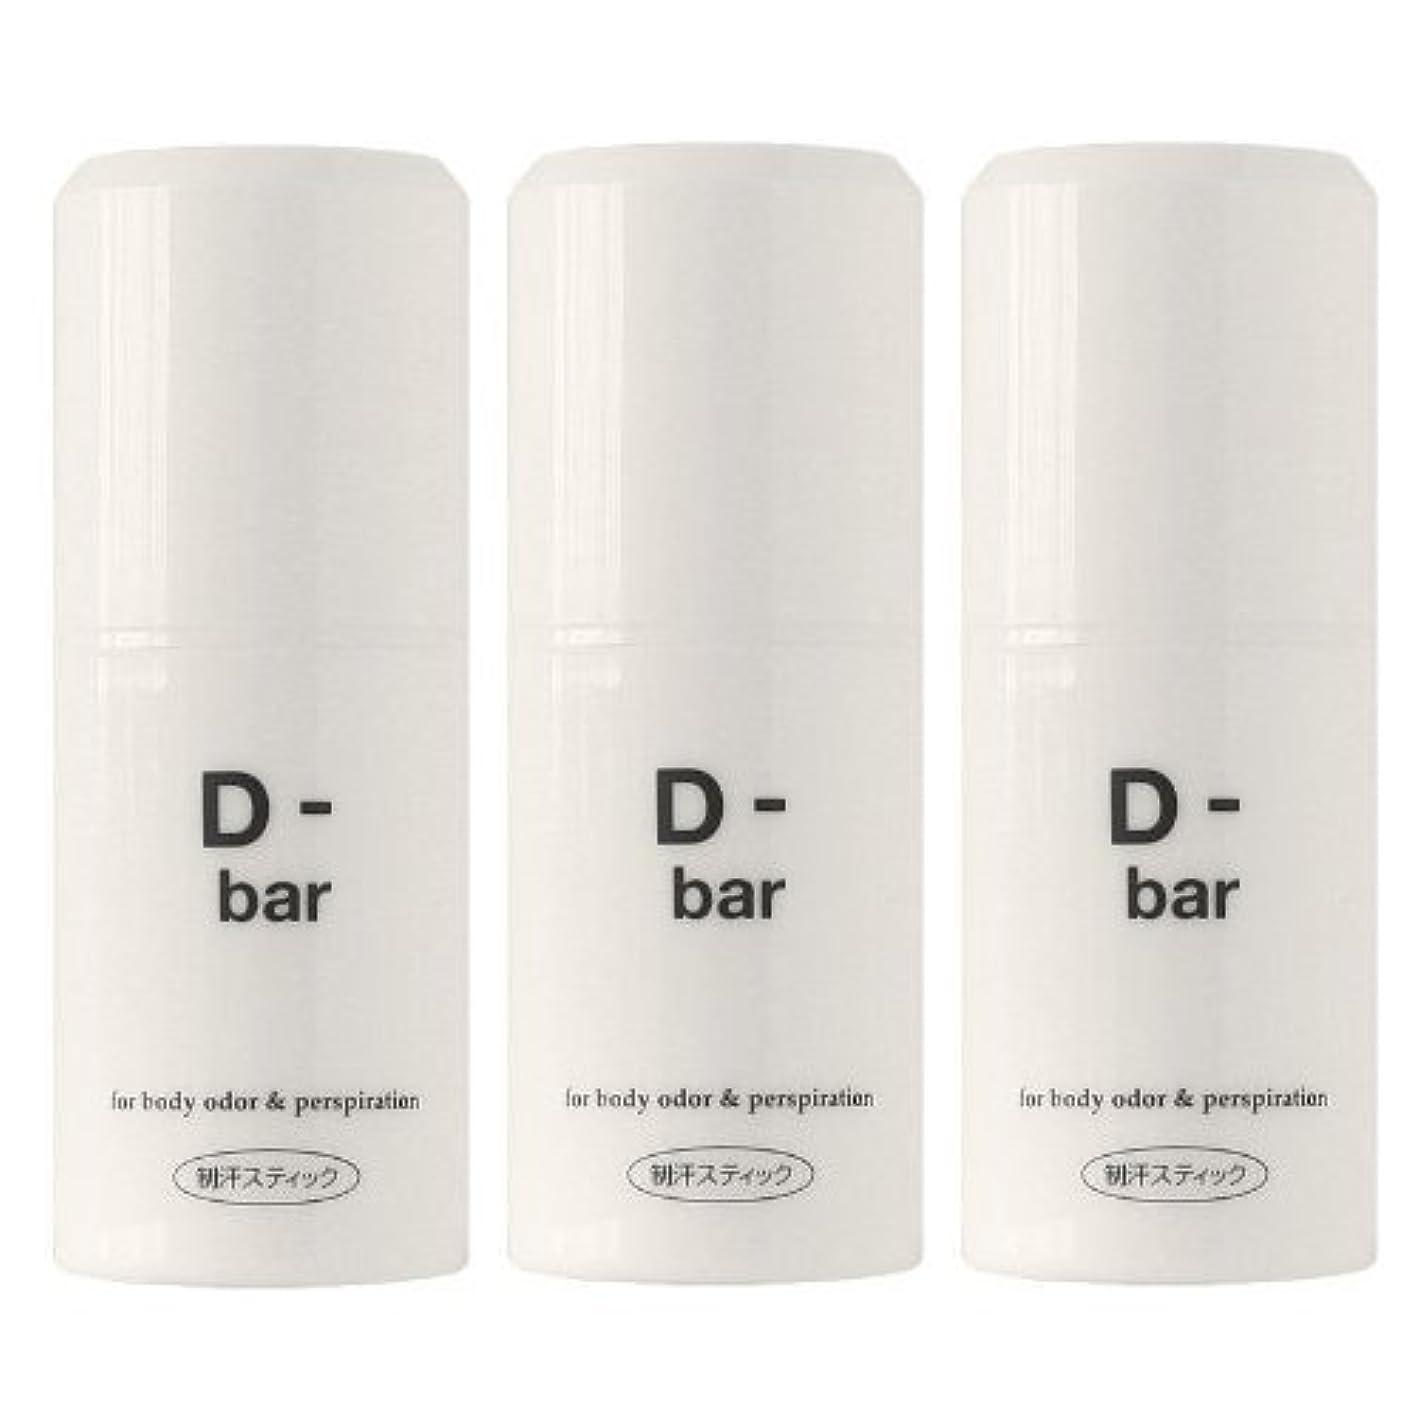 擬人ルーフ克服するディーバー(D-bar) 3本セット